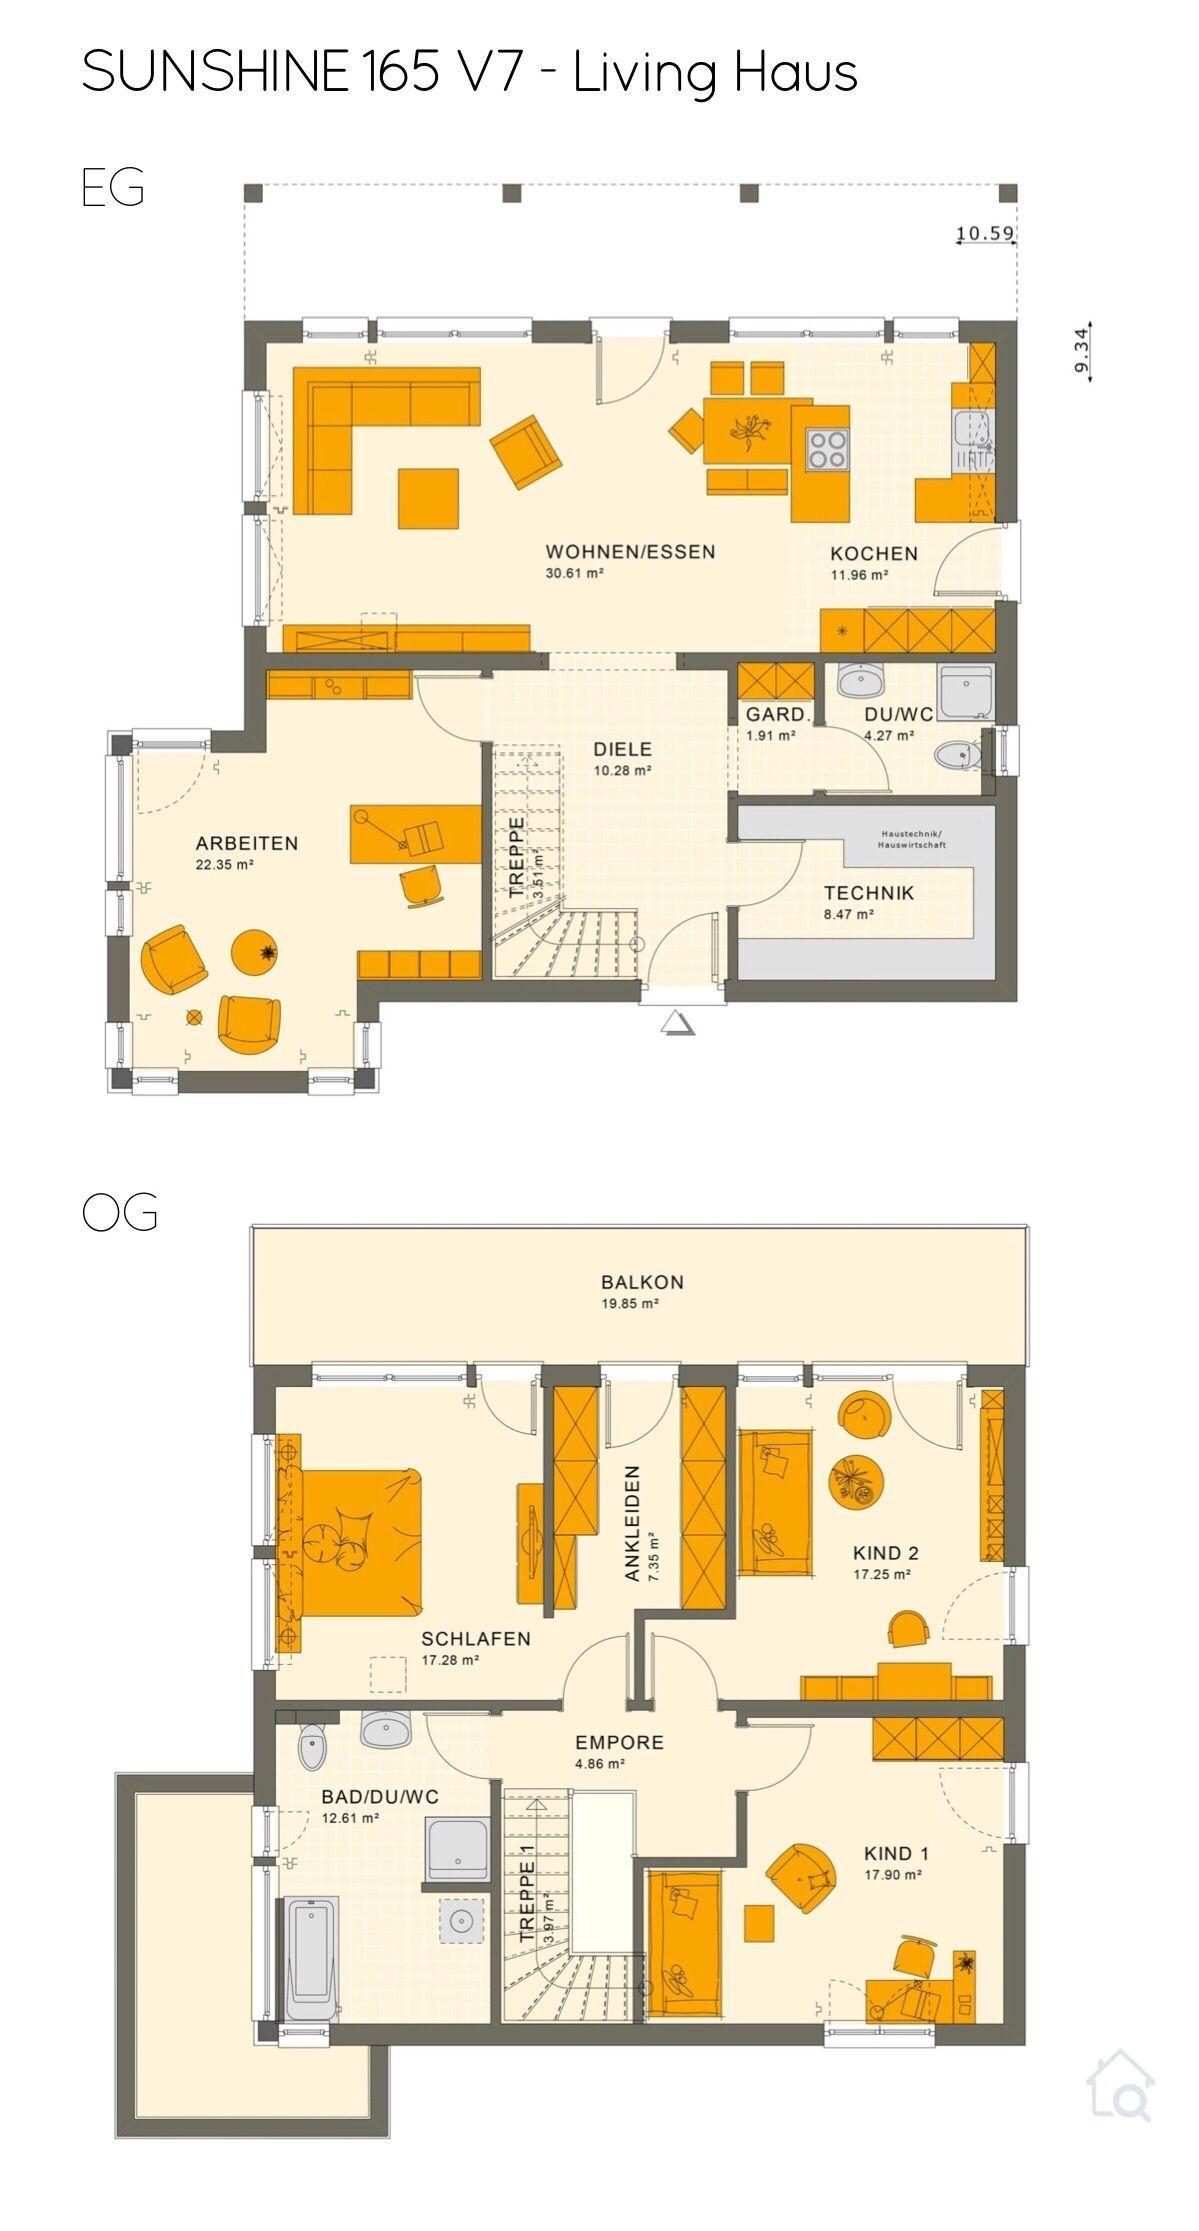 Grundriss Stadtvilla modern mit Flachdach Architektur 5